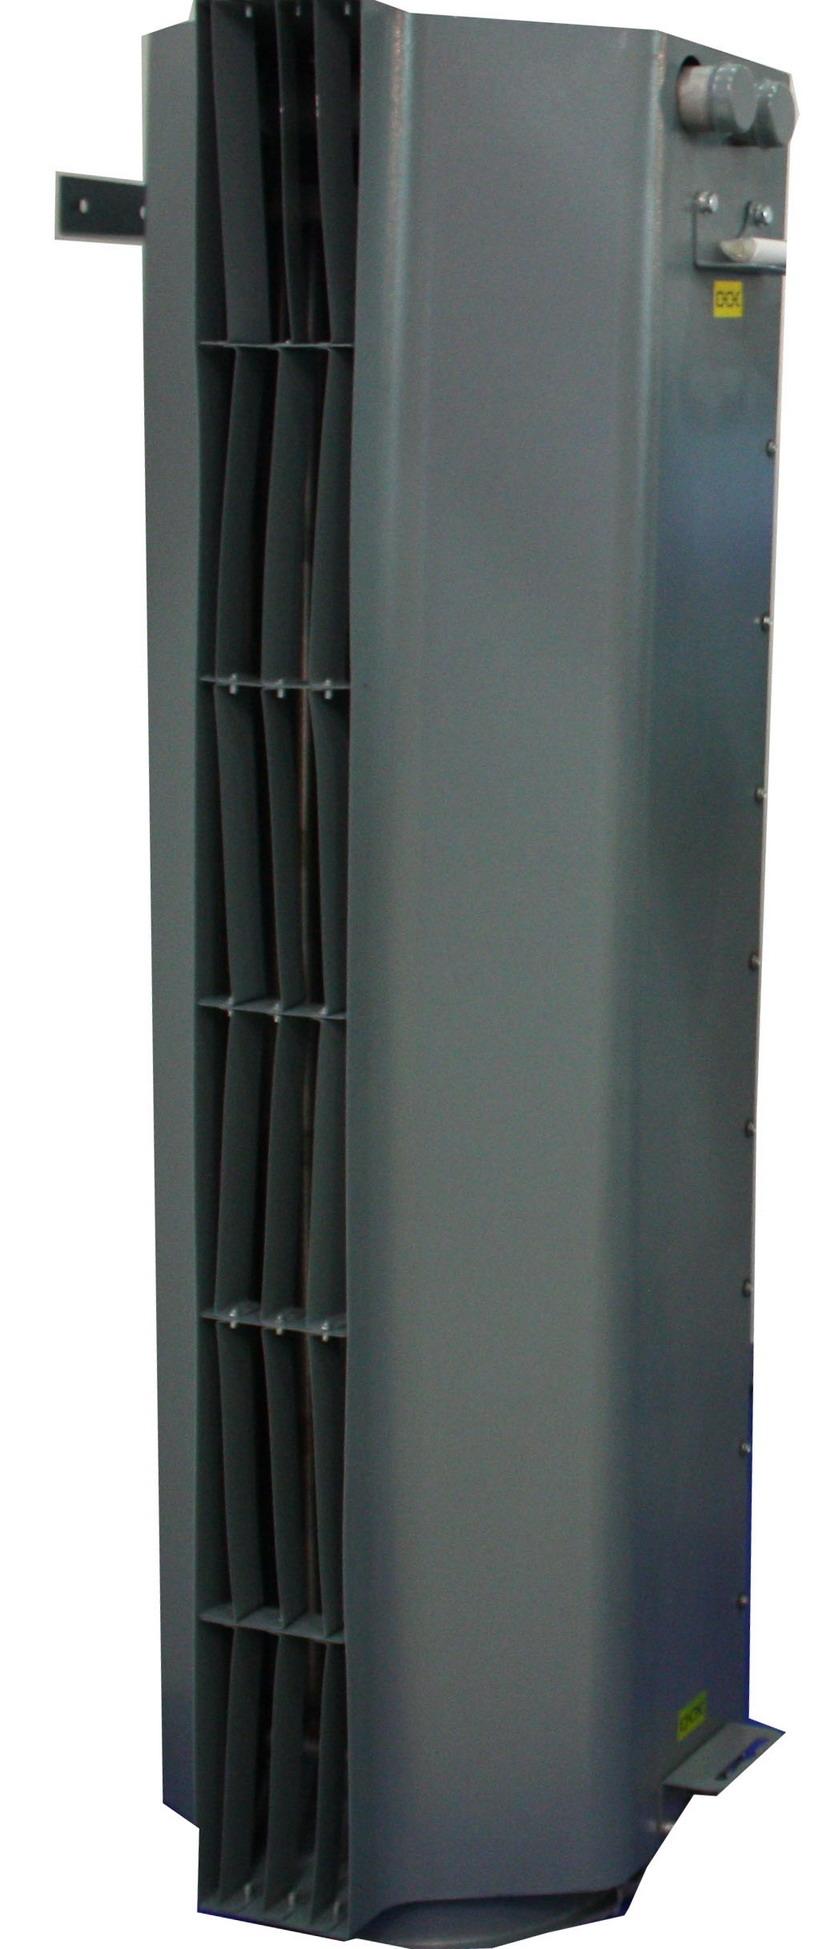 Тепловая завеса ТПЗ-1800 с производительностью по воздуху 10500 м3/час